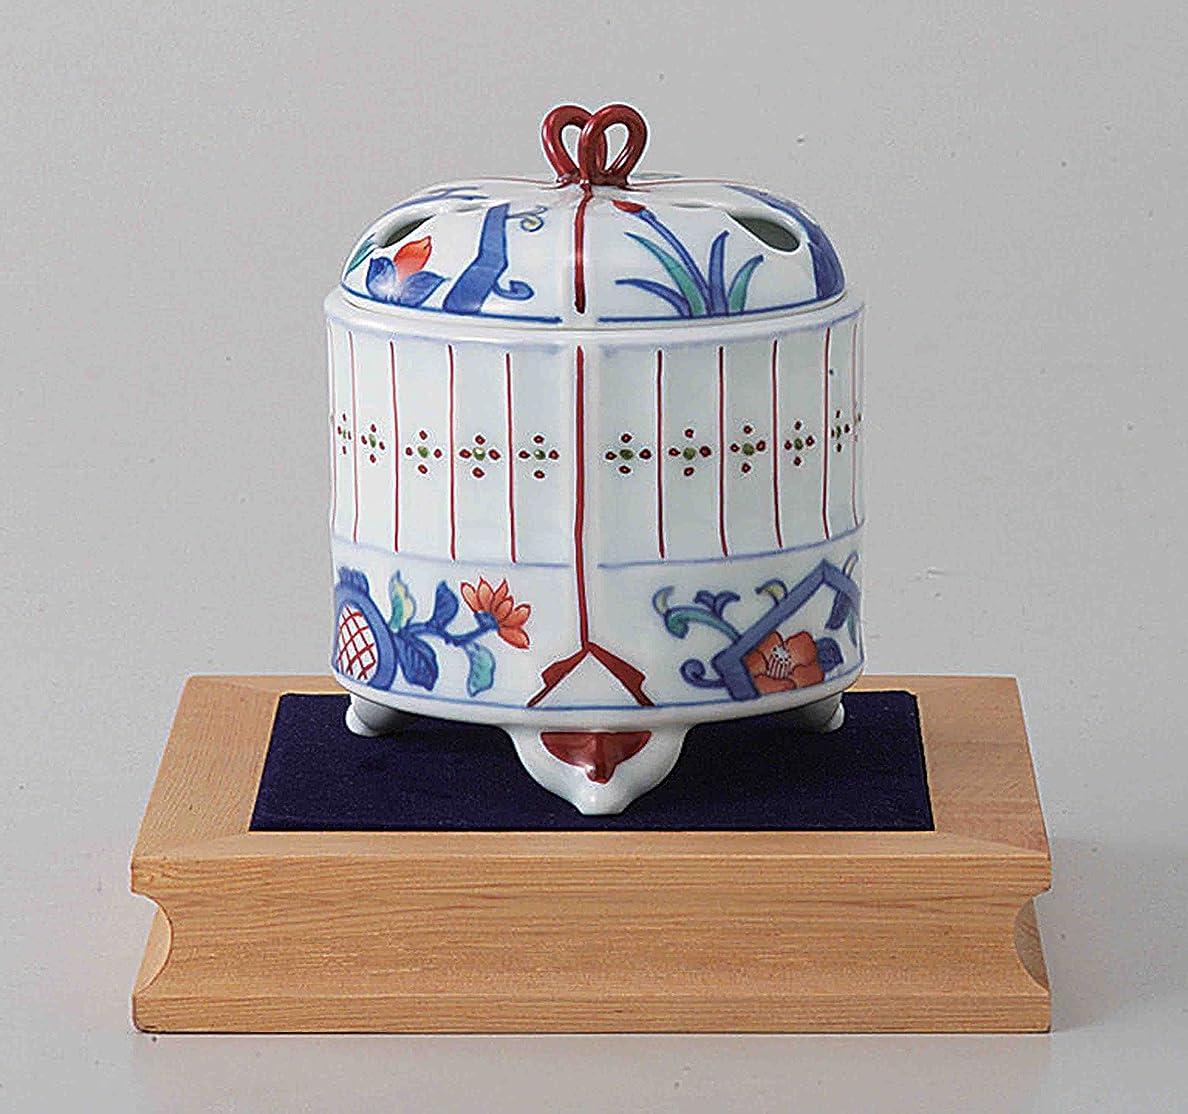 試みるかるレイ東京抹茶Selection?–?[プレミアム] Arita Porcelain Cencer : Insectケージ?–?Incense BurnerホルダーWベース&ボックス日本から[ EMSで発送標準: withトラッキング&保険]